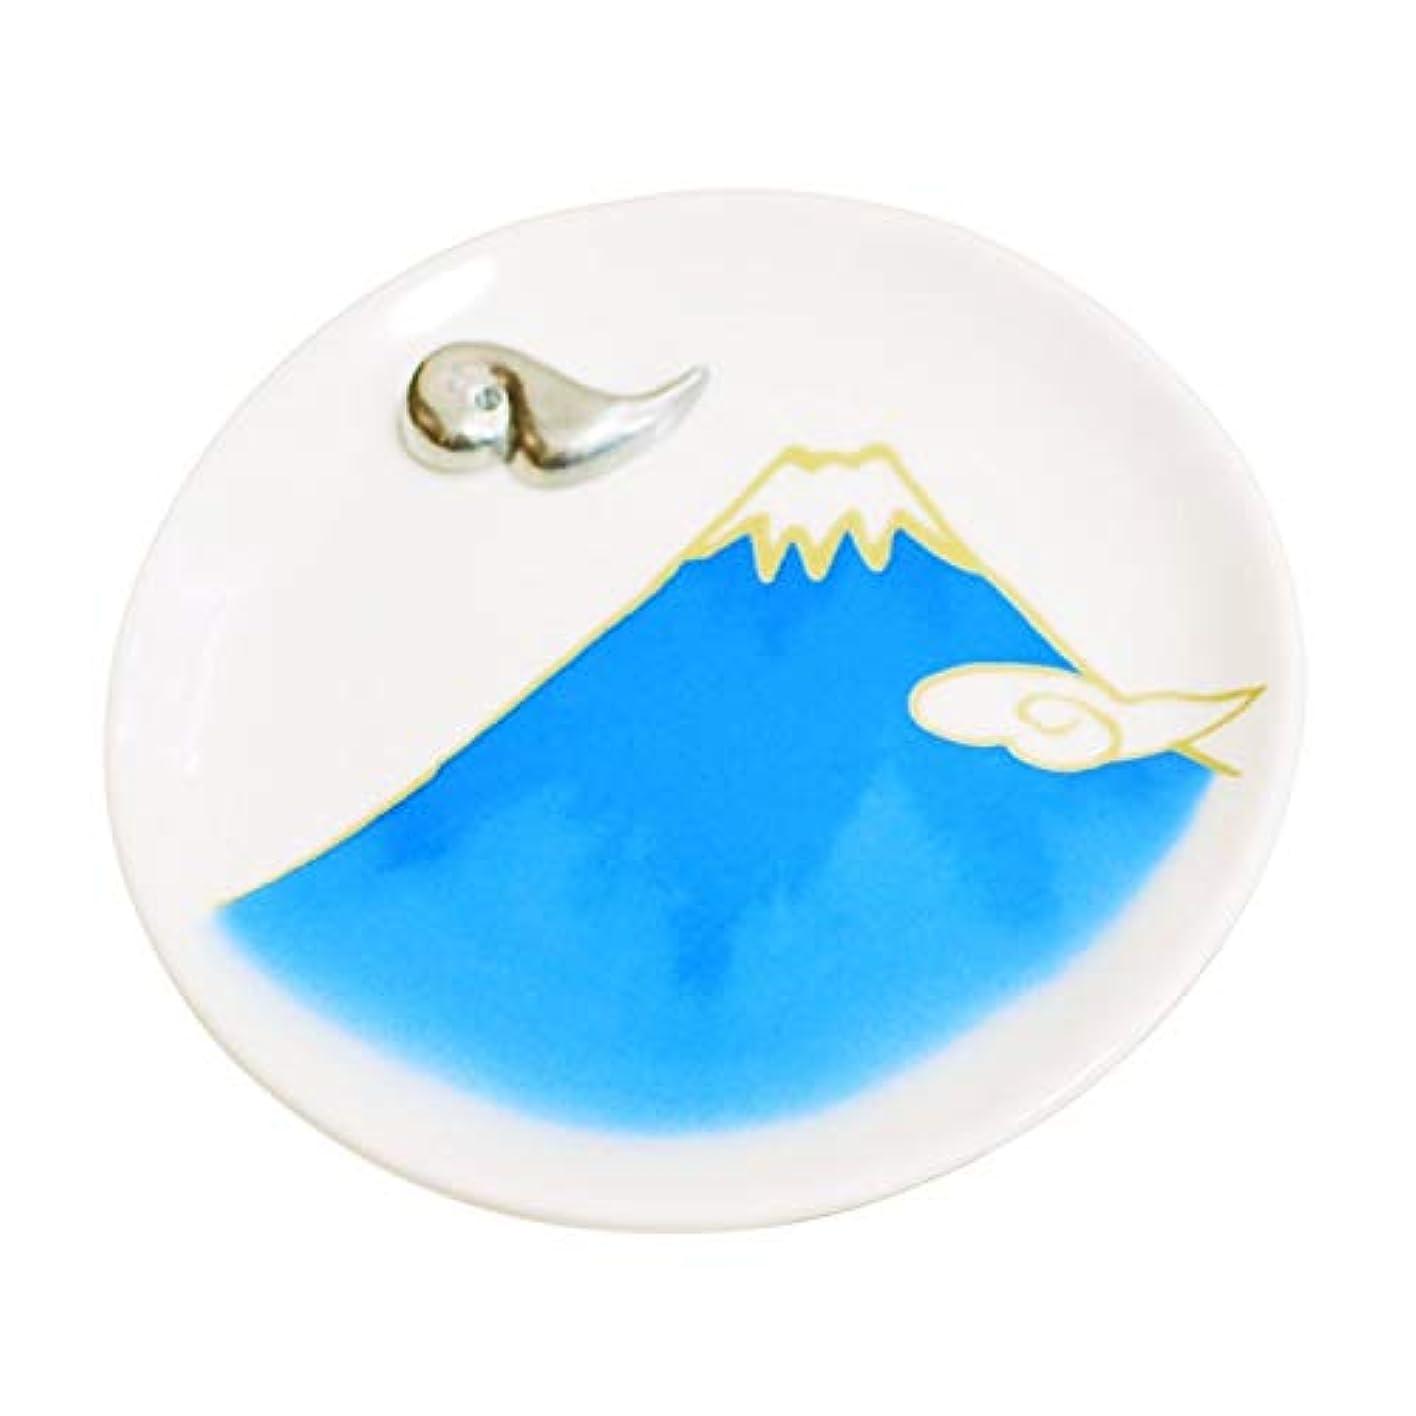 ジョイント地区暗殺者香皿 富士山 ブルー 雲型香立て付 青富士 香立 お線香立て Cセット